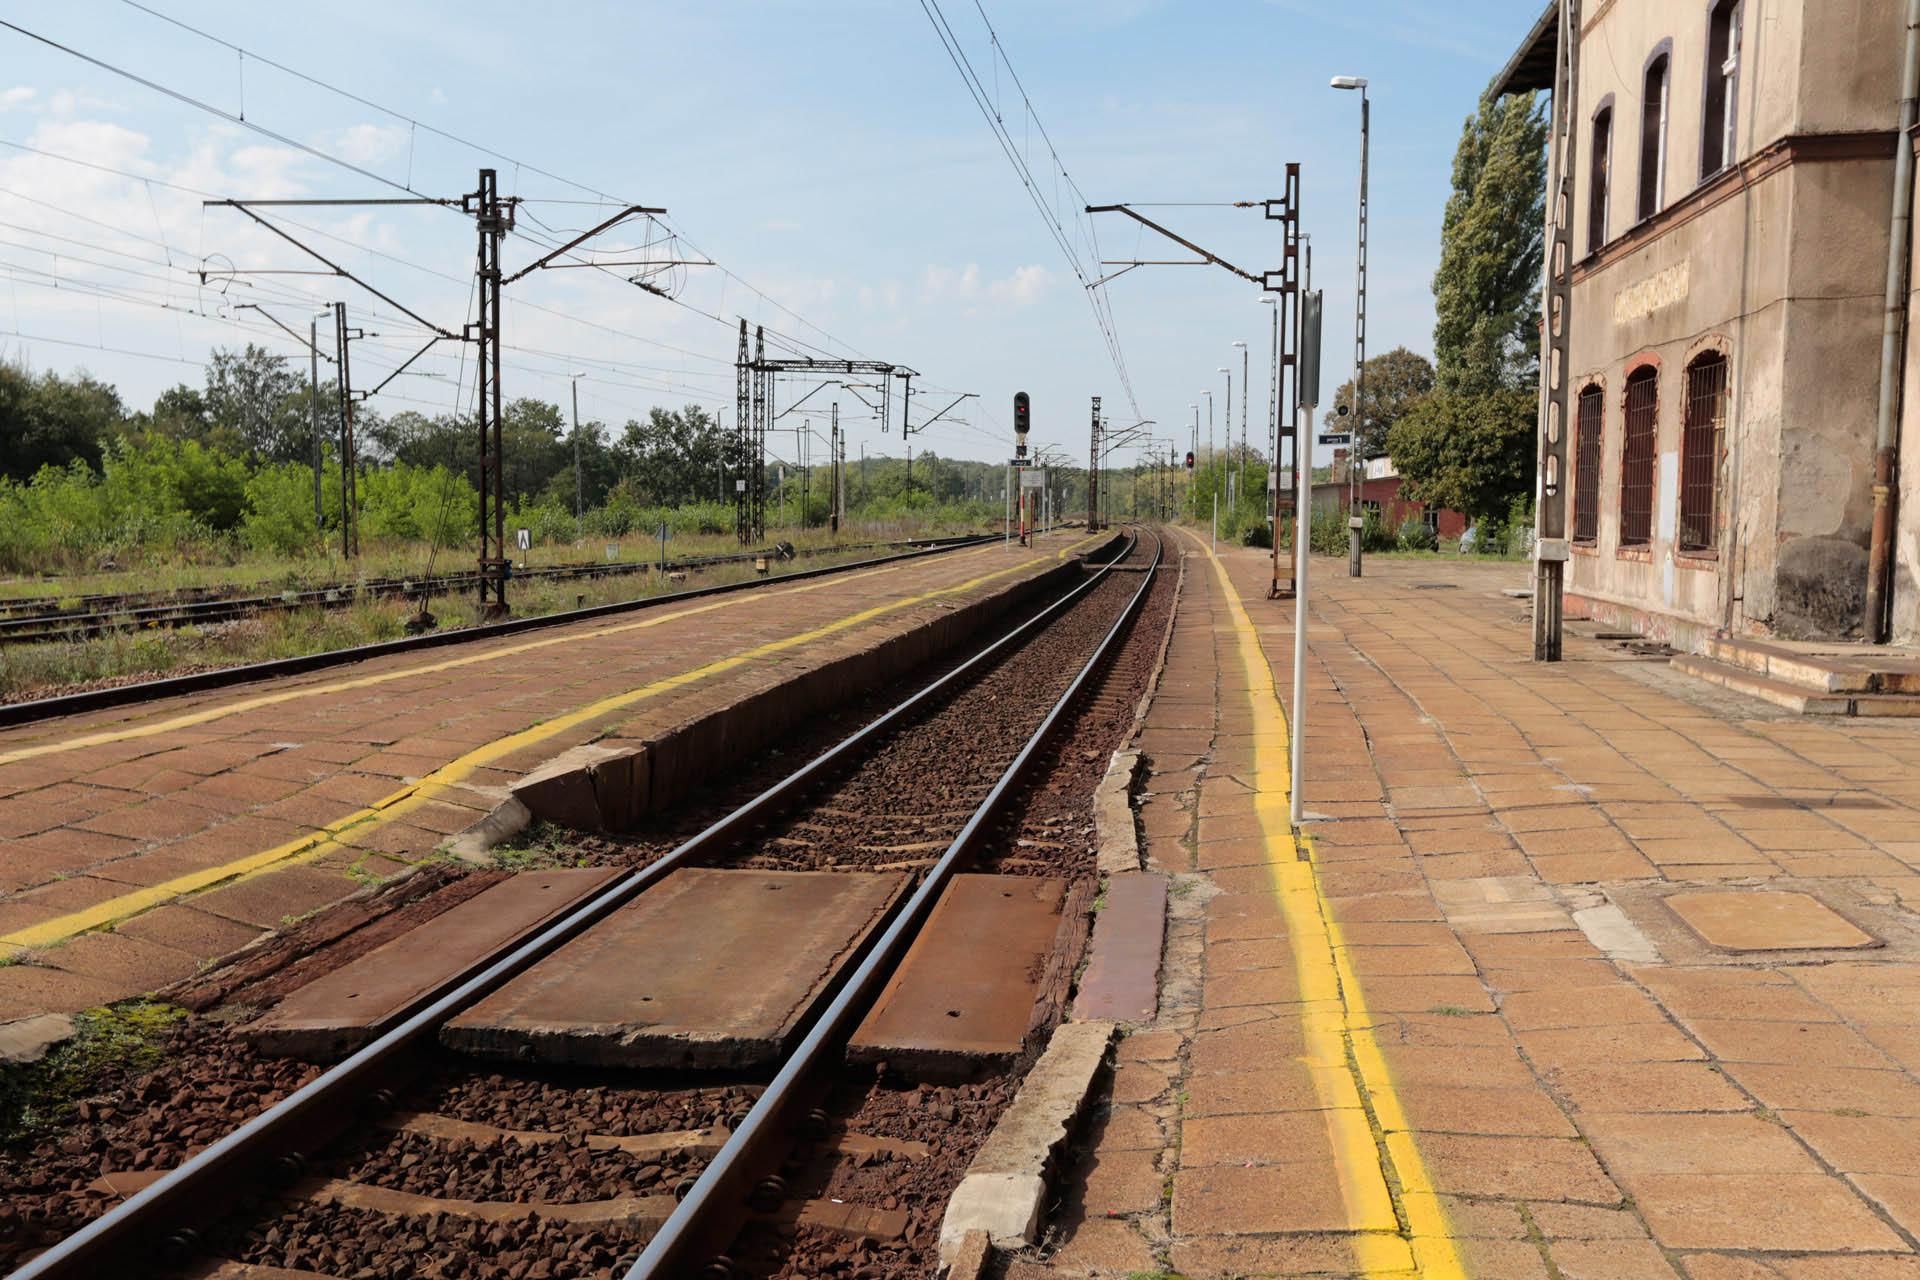 Obrazek: stacja Rudziniec Gliwicki - przed modernizacją.